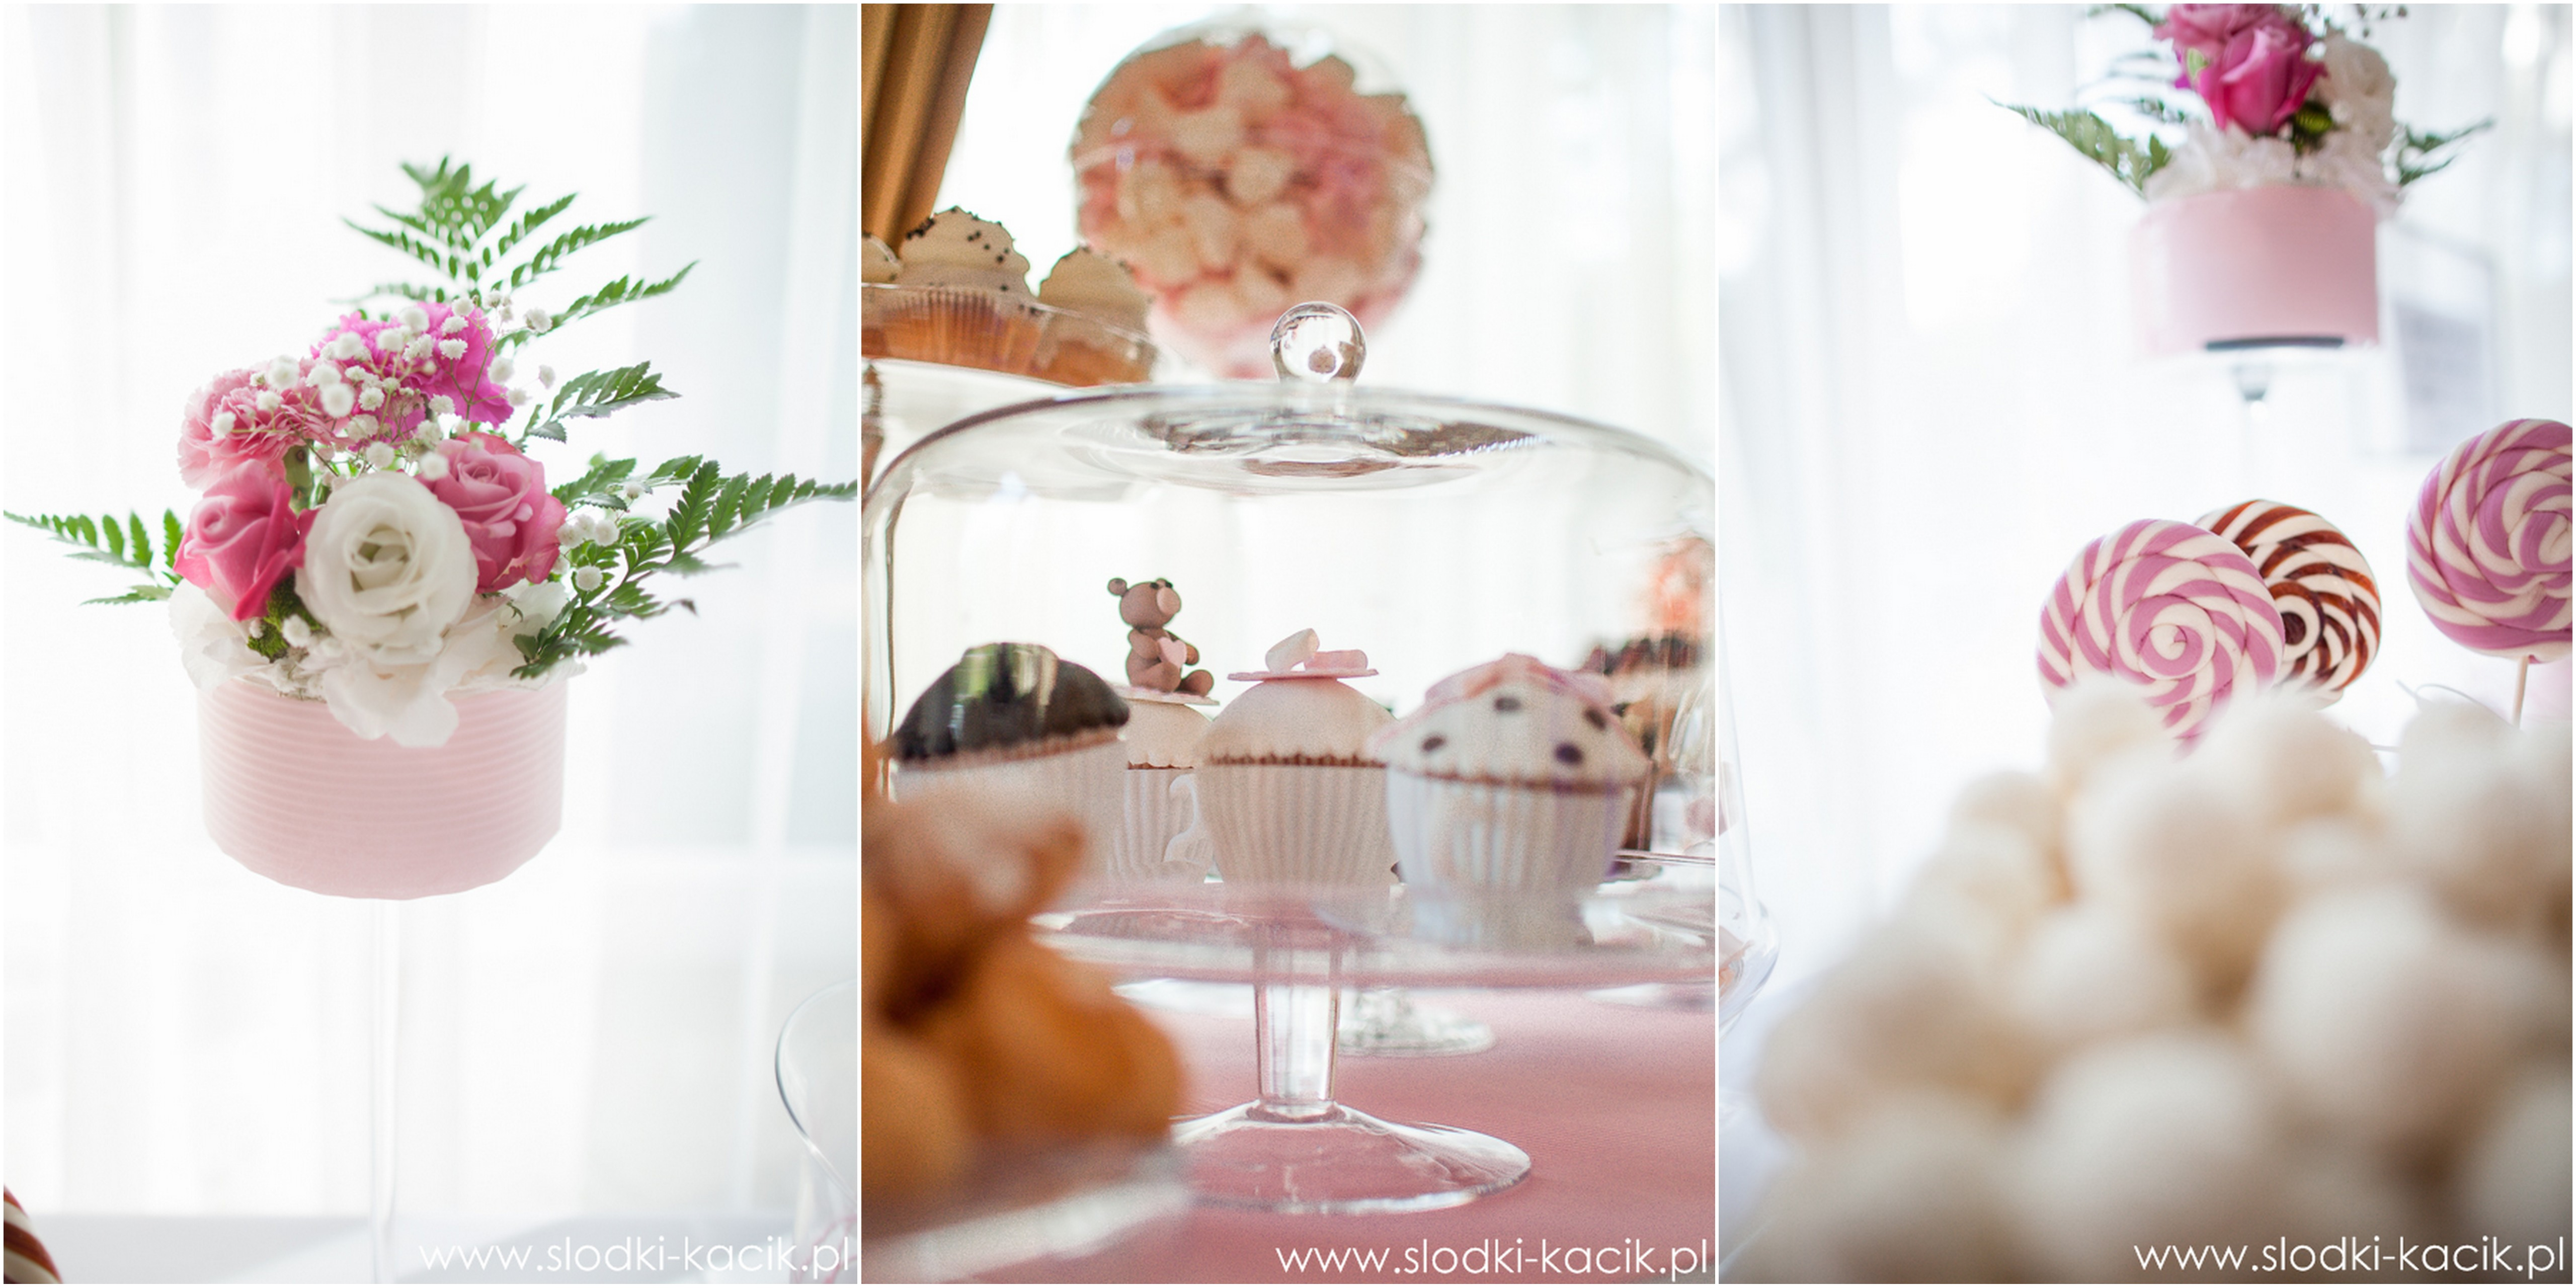 Słodki Kącik roz kropki, słodki stół, słodki bufet, candy bar, tort weselny, ciasto wesele, ślub, pavlova, ciasteczka, słodycze, lizaki, buteleczki, cakepop, cupcake,  popco (4)